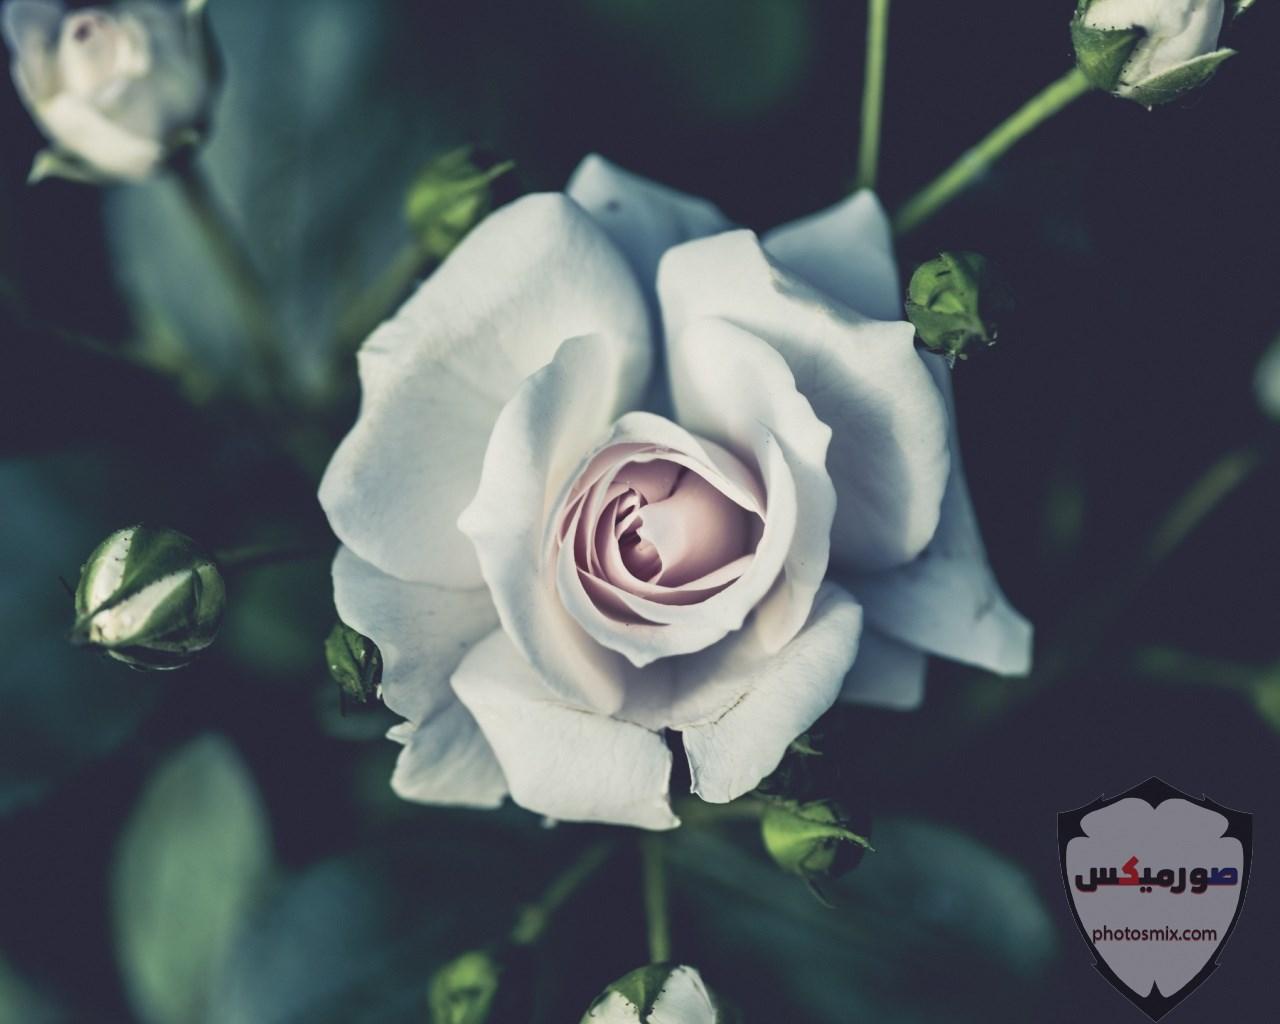 خواطر رائعة عن الورود 17